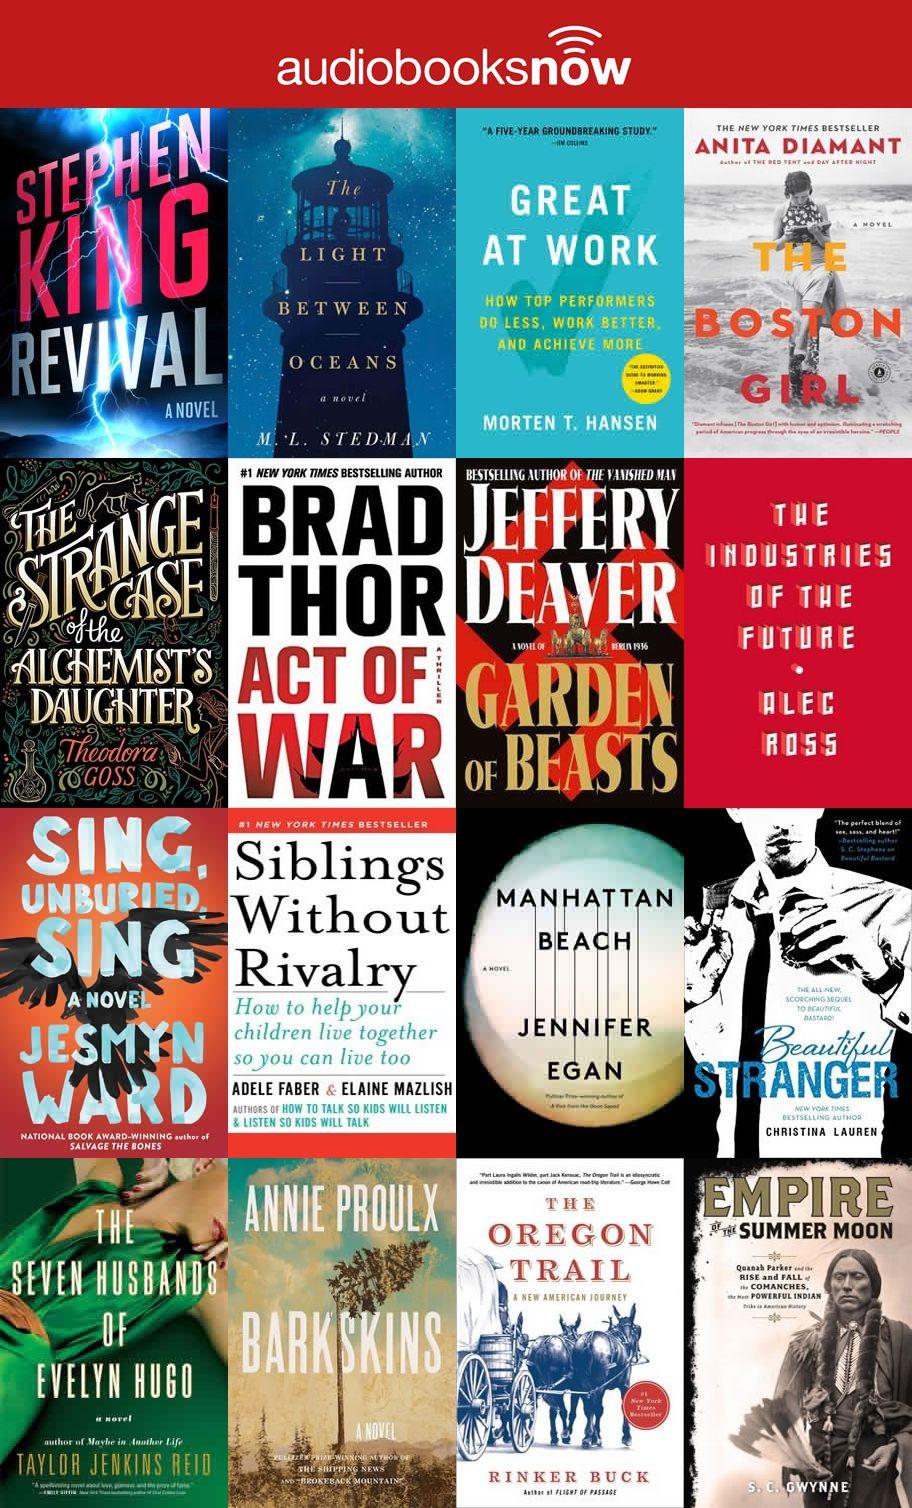 5 audiobooks mega sale audio books audiobooks books